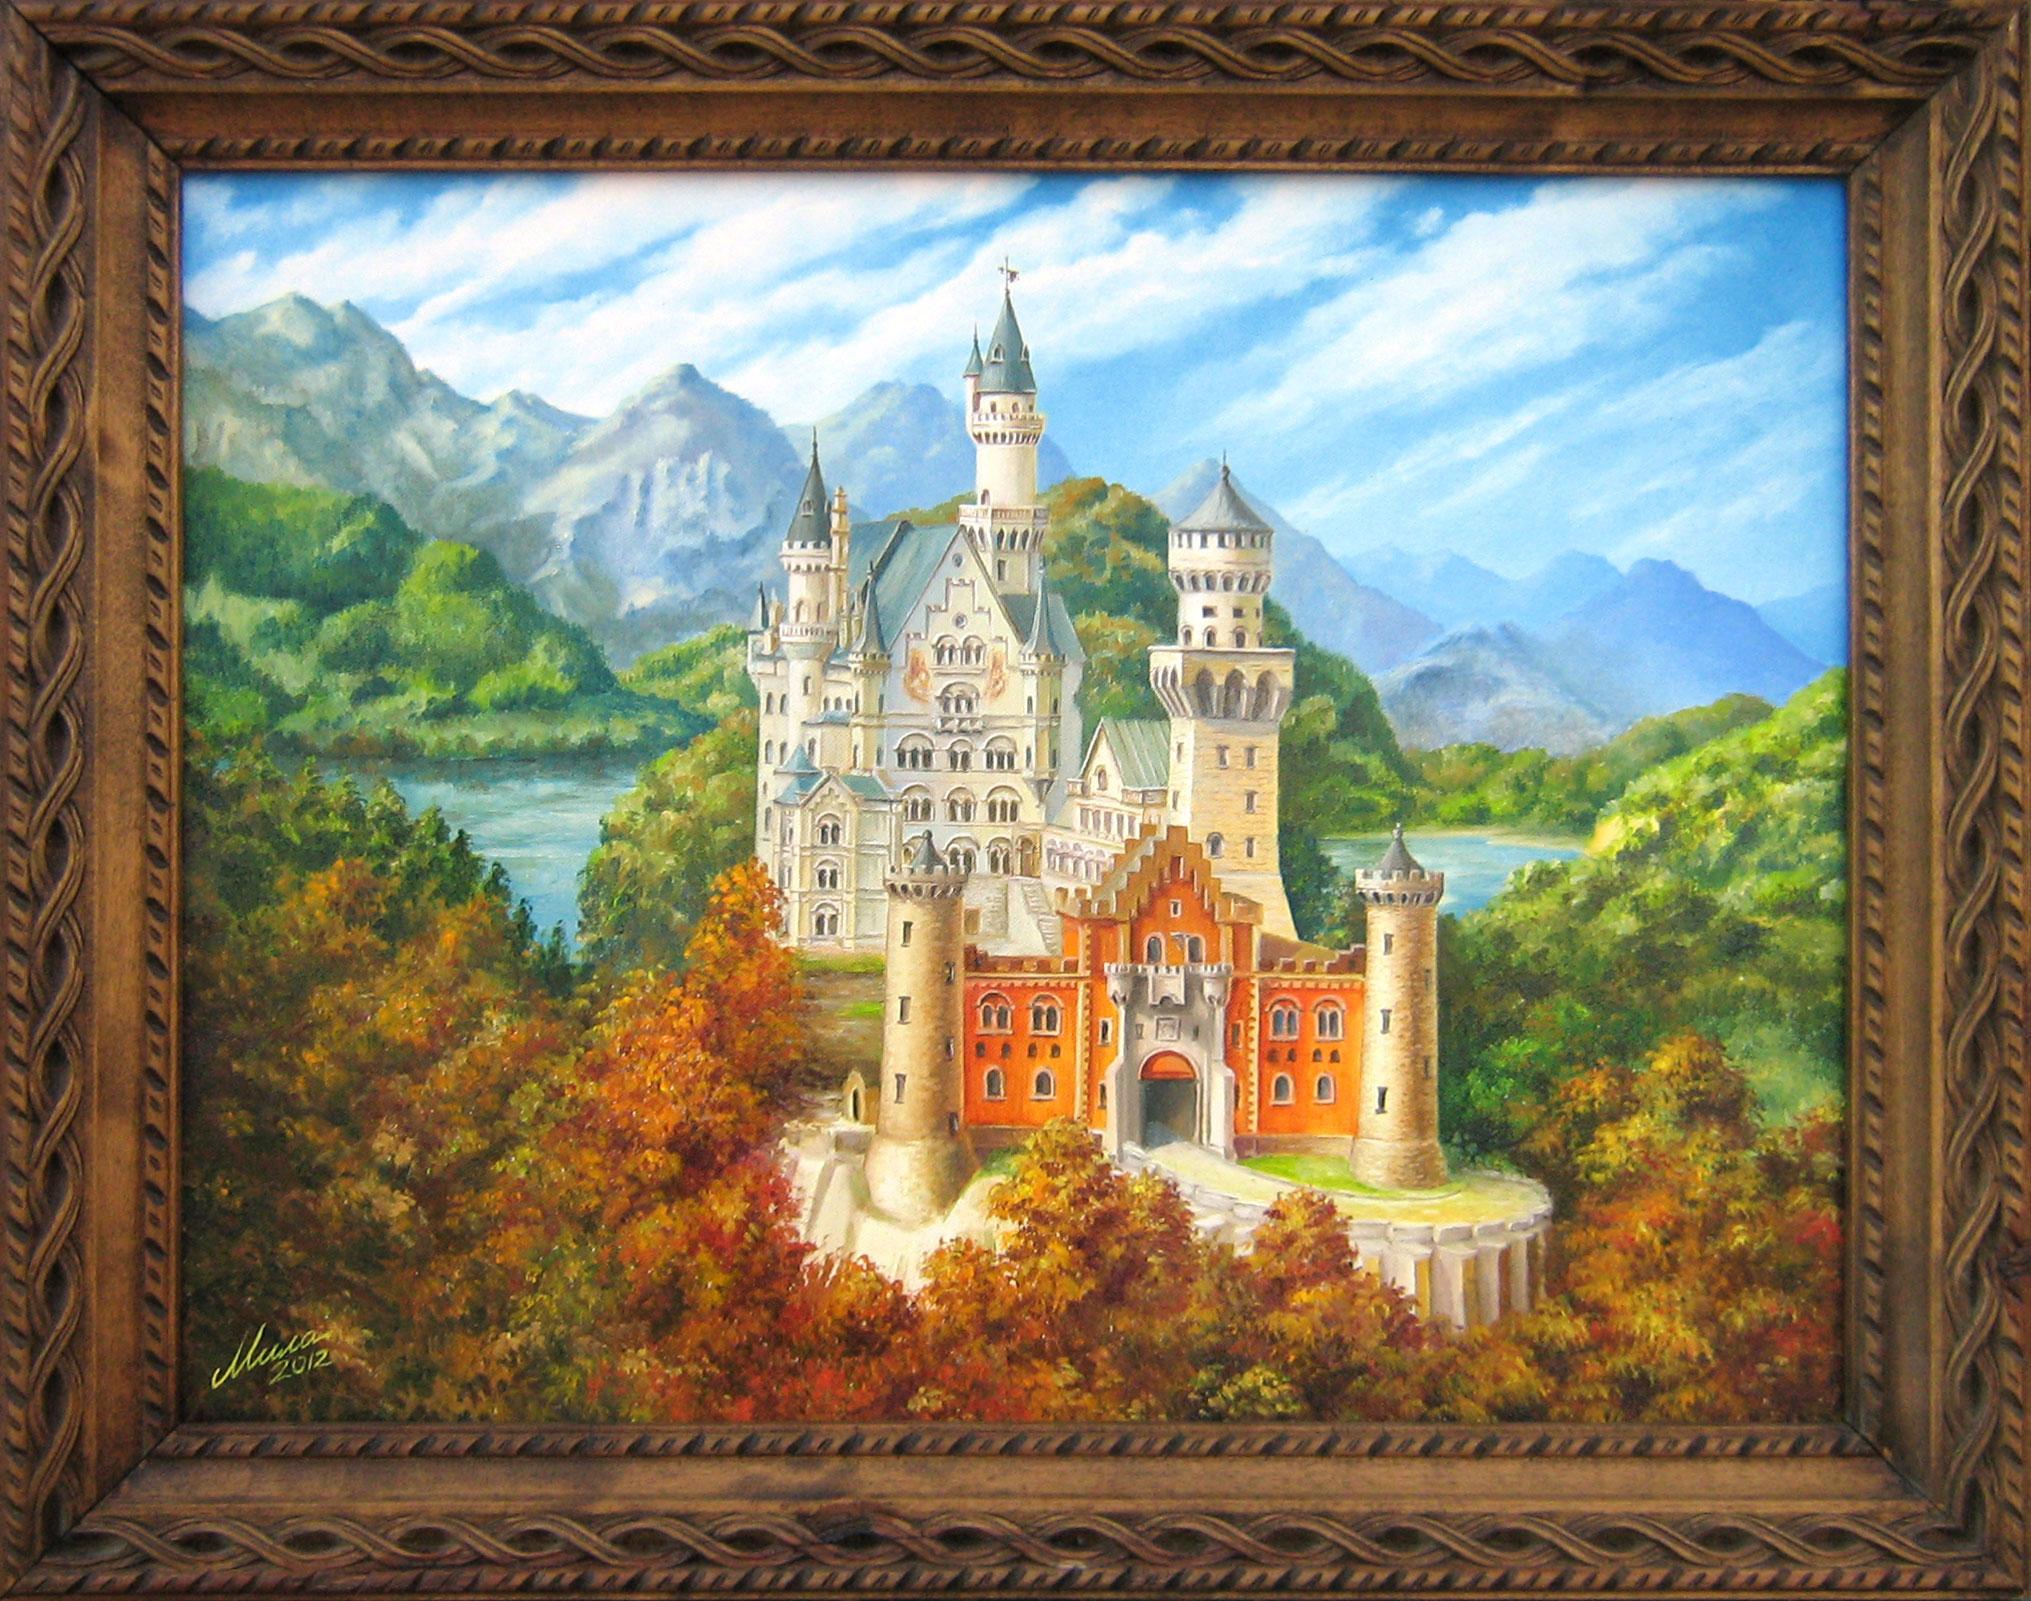 Schloss Neuschwanstein Mila Vasileva Paintings Old Times Art Studio